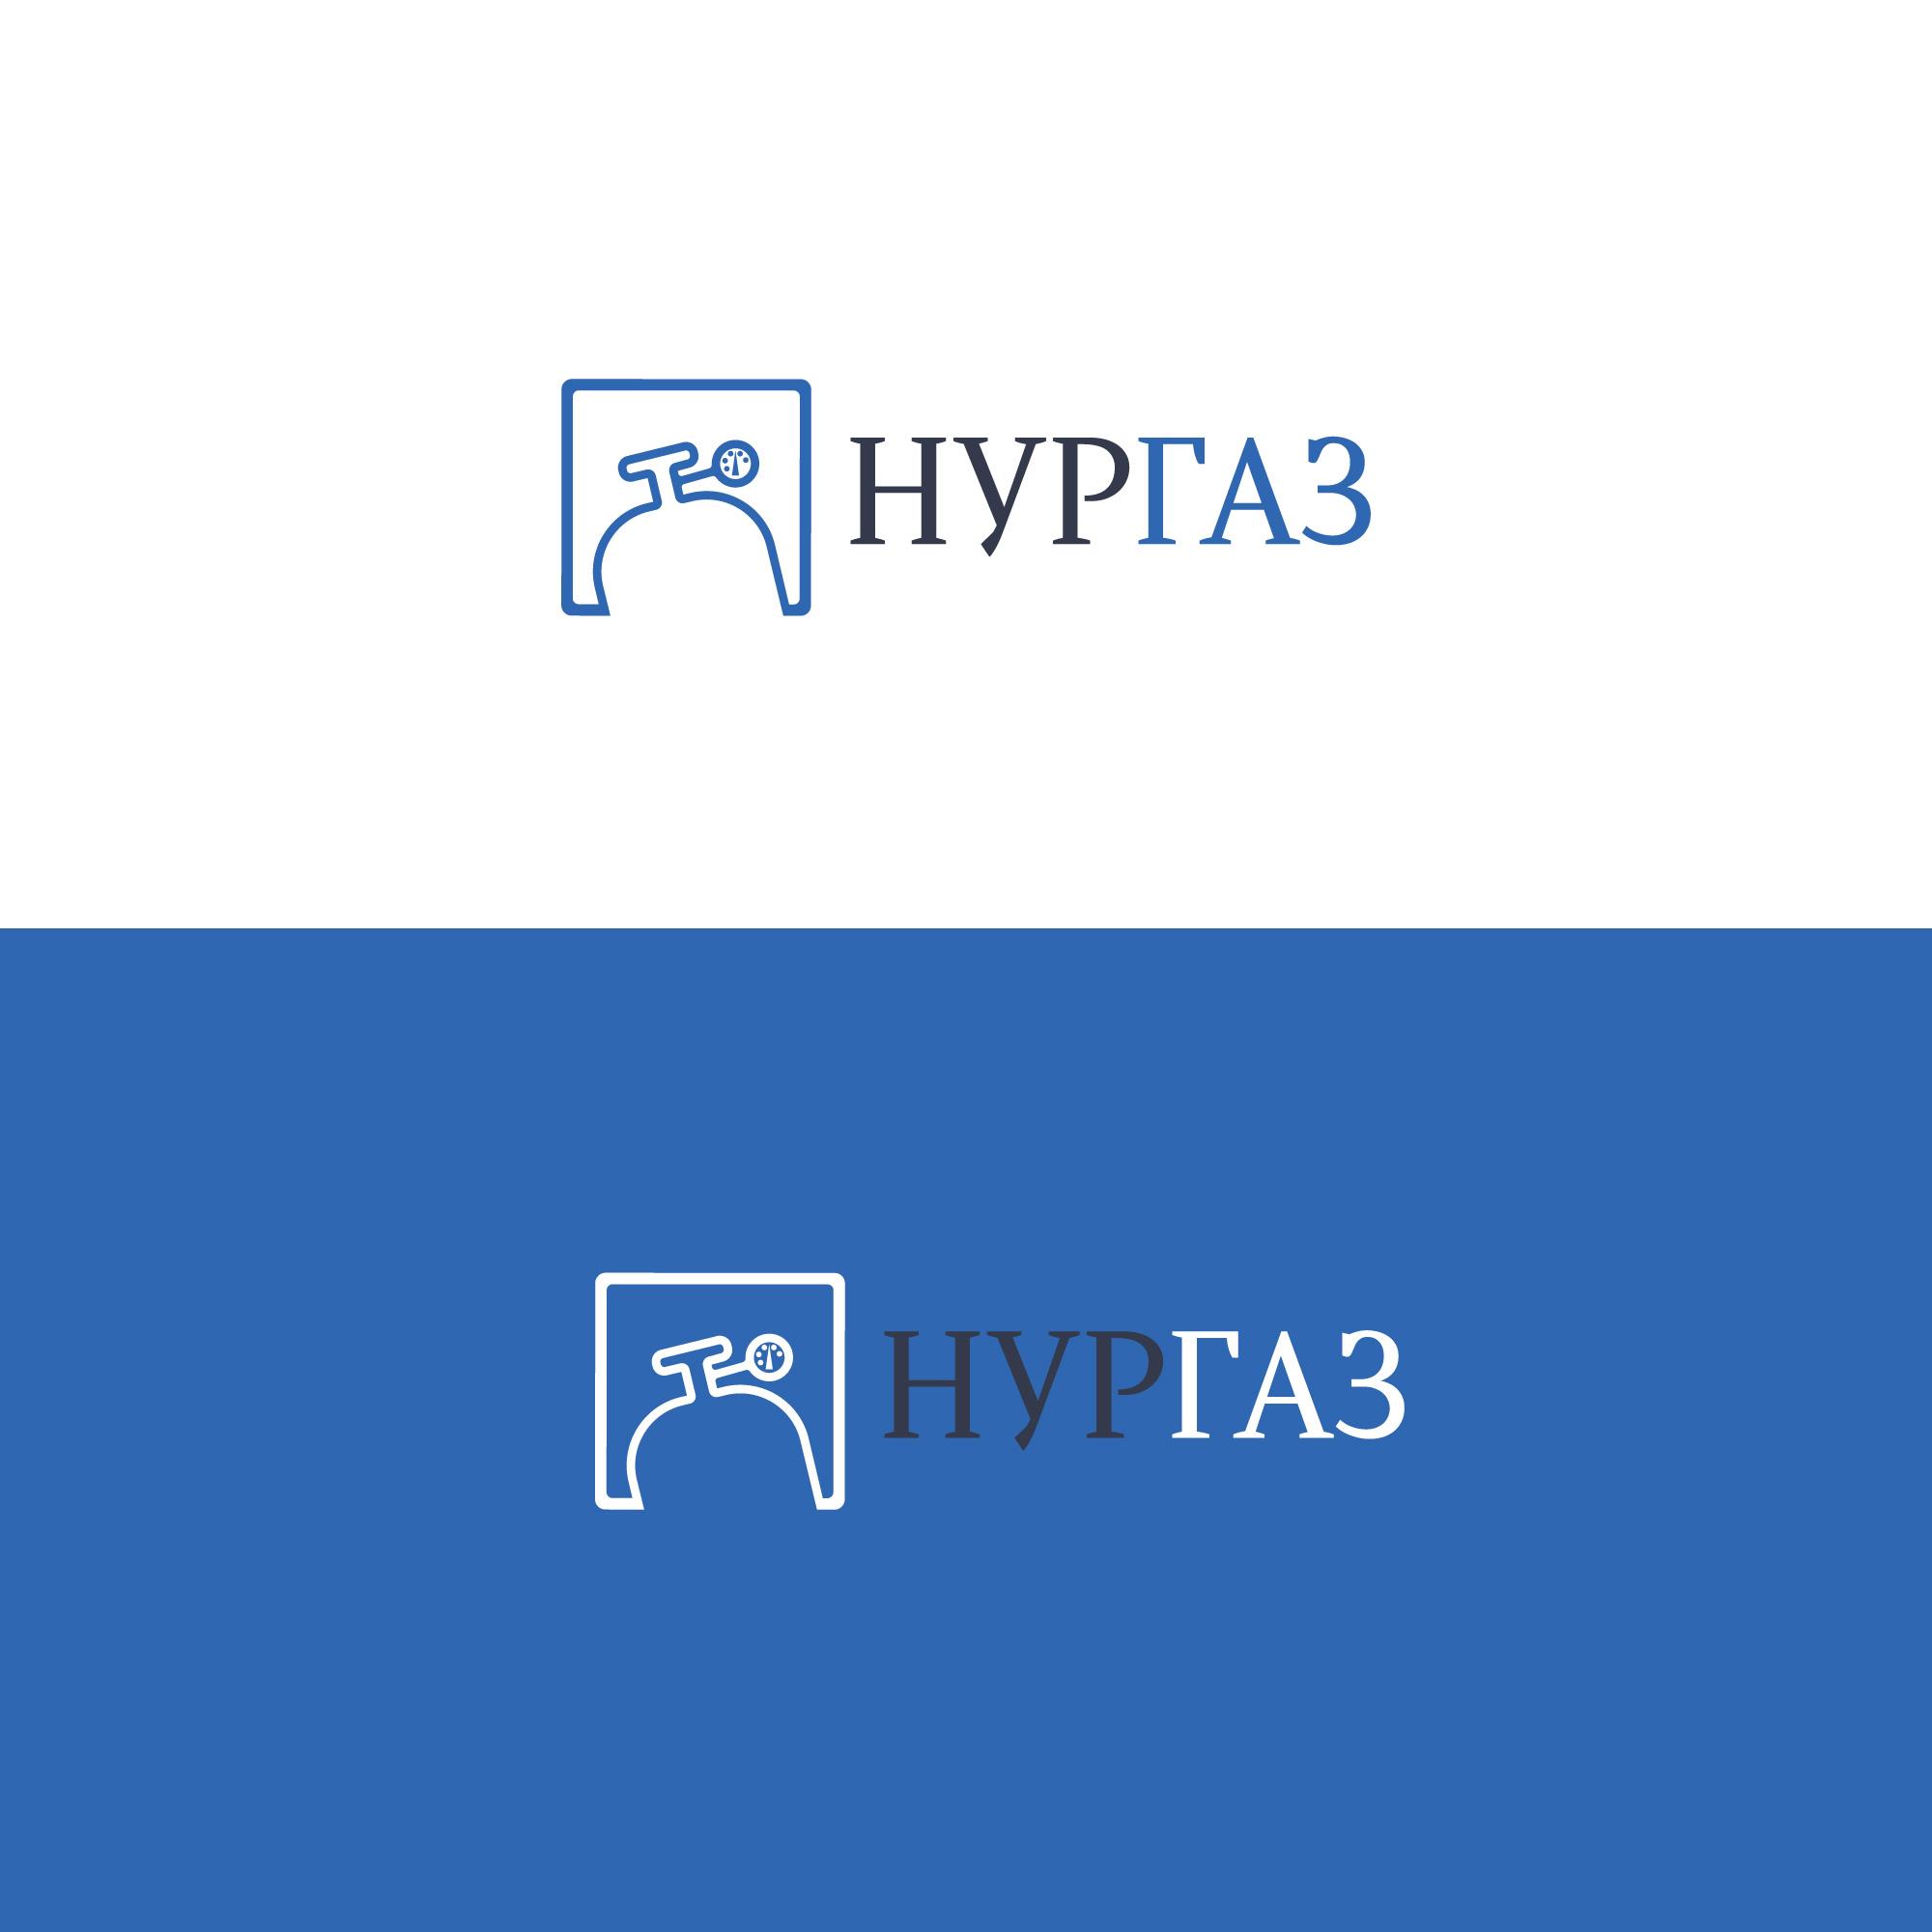 Разработка логотипа и фирменного стиля фото f_6835d99629fd33f5.jpg